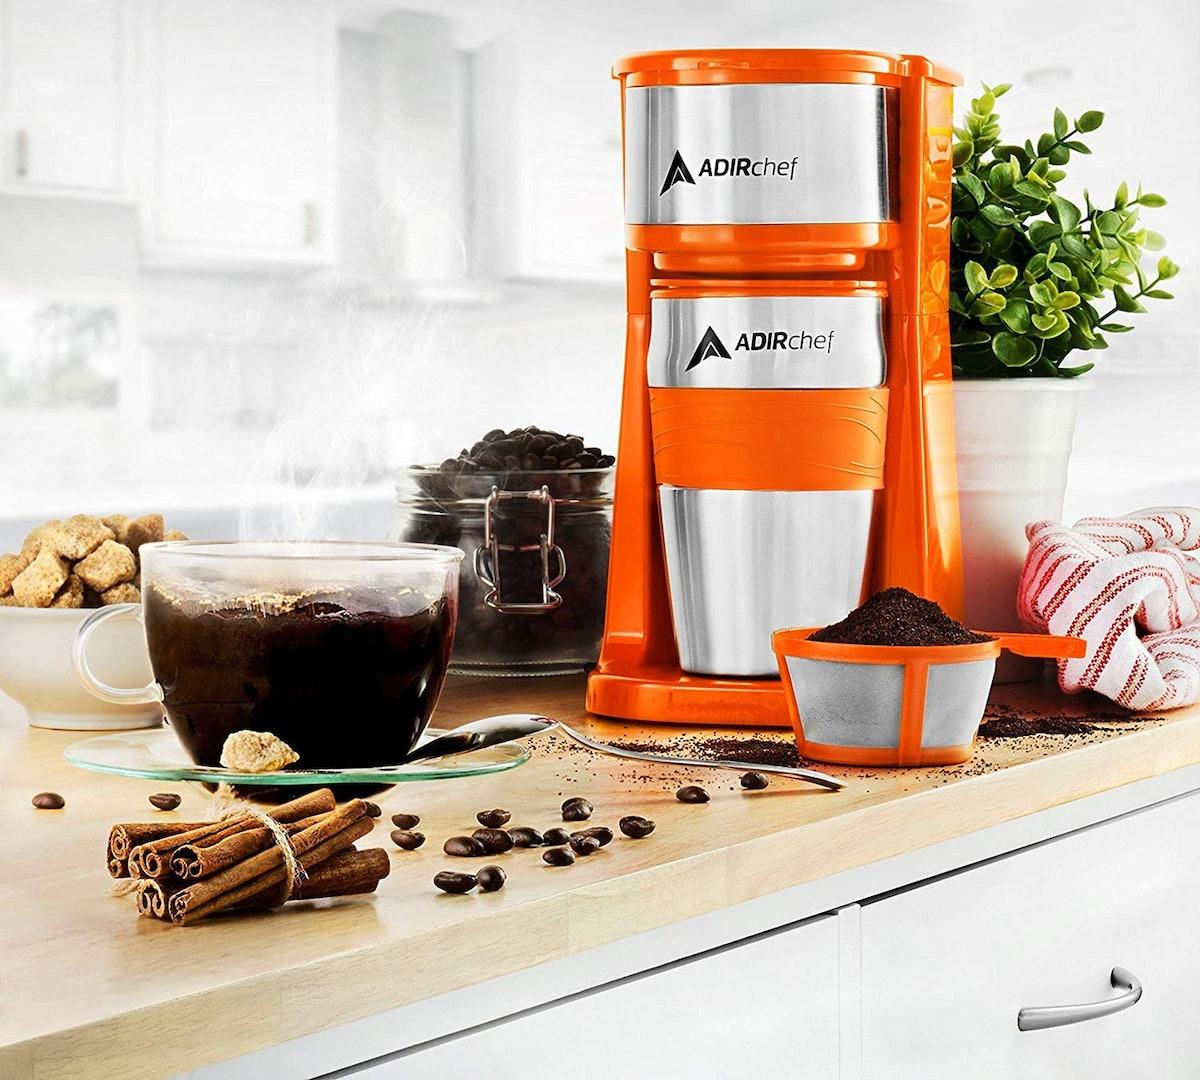 AdirChef Grab N' Go Personal Coffee Maker